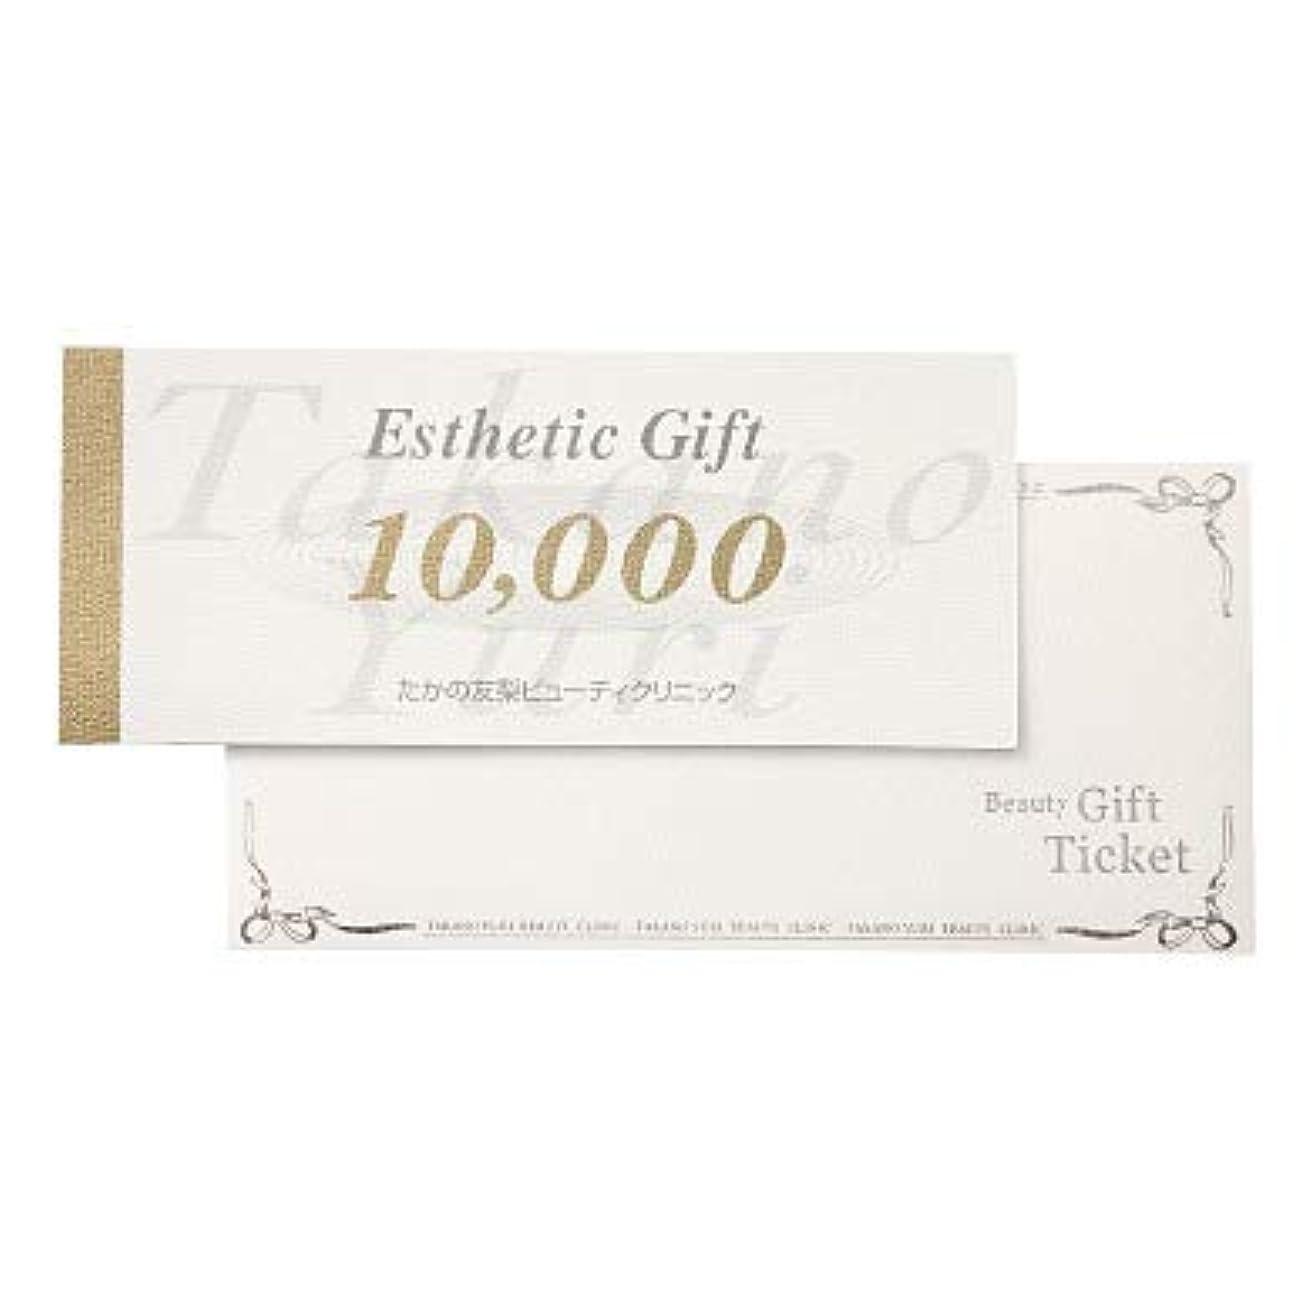 。迷惑グリーンバック10,000円エステティックギフトチケット